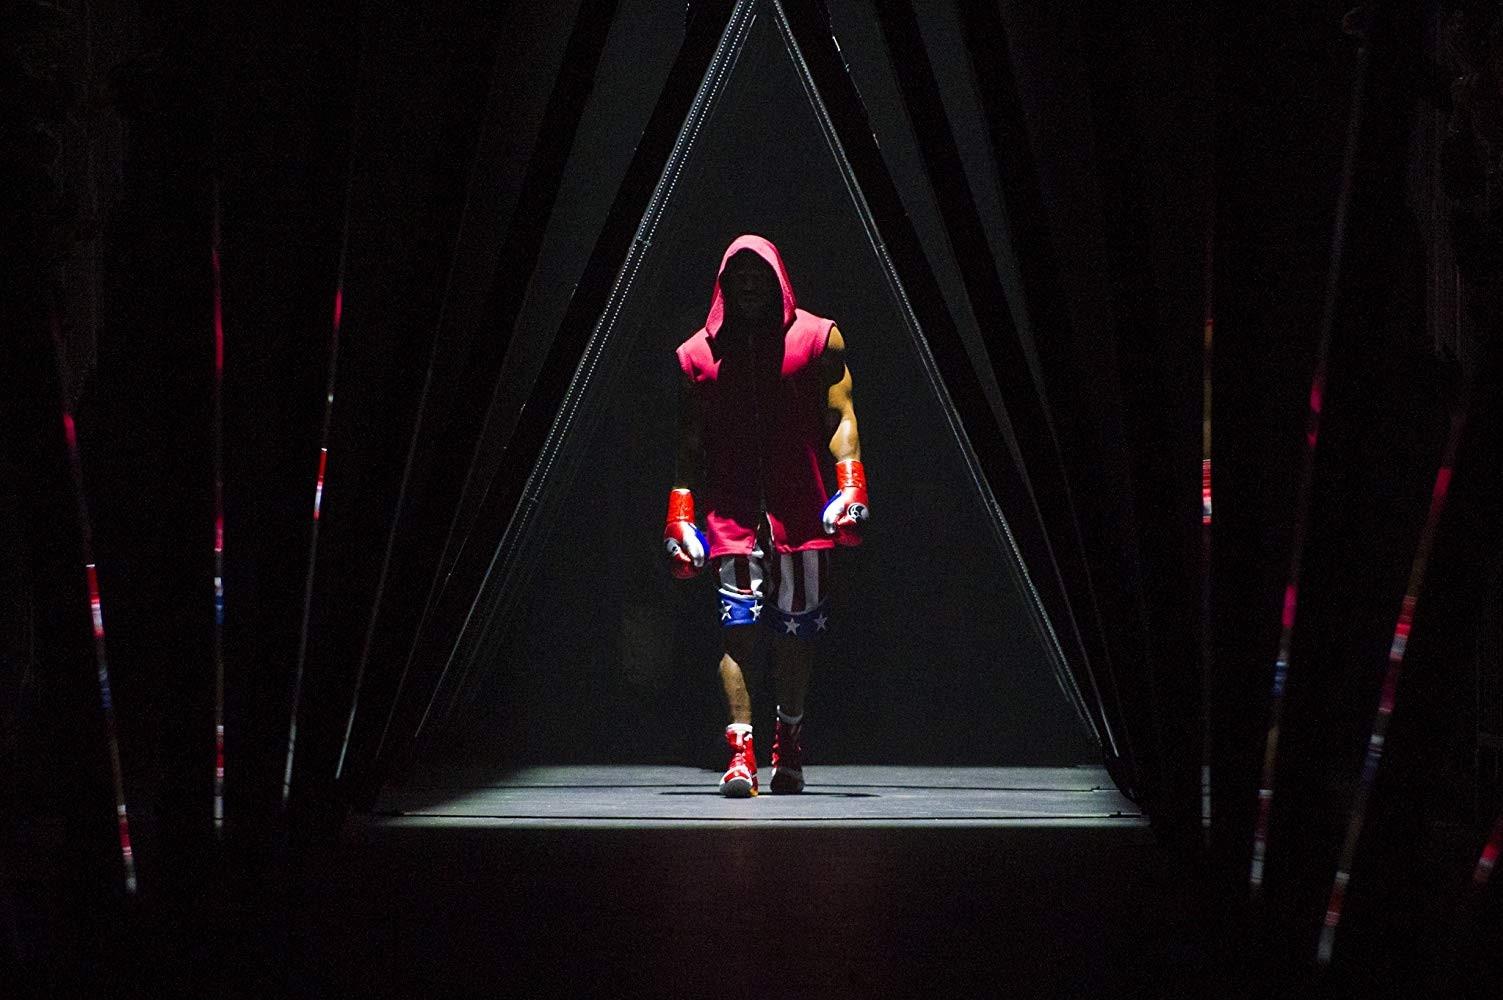 史泰龙拳击片《奎迪2》新照 不老硬汉大战肌肉男